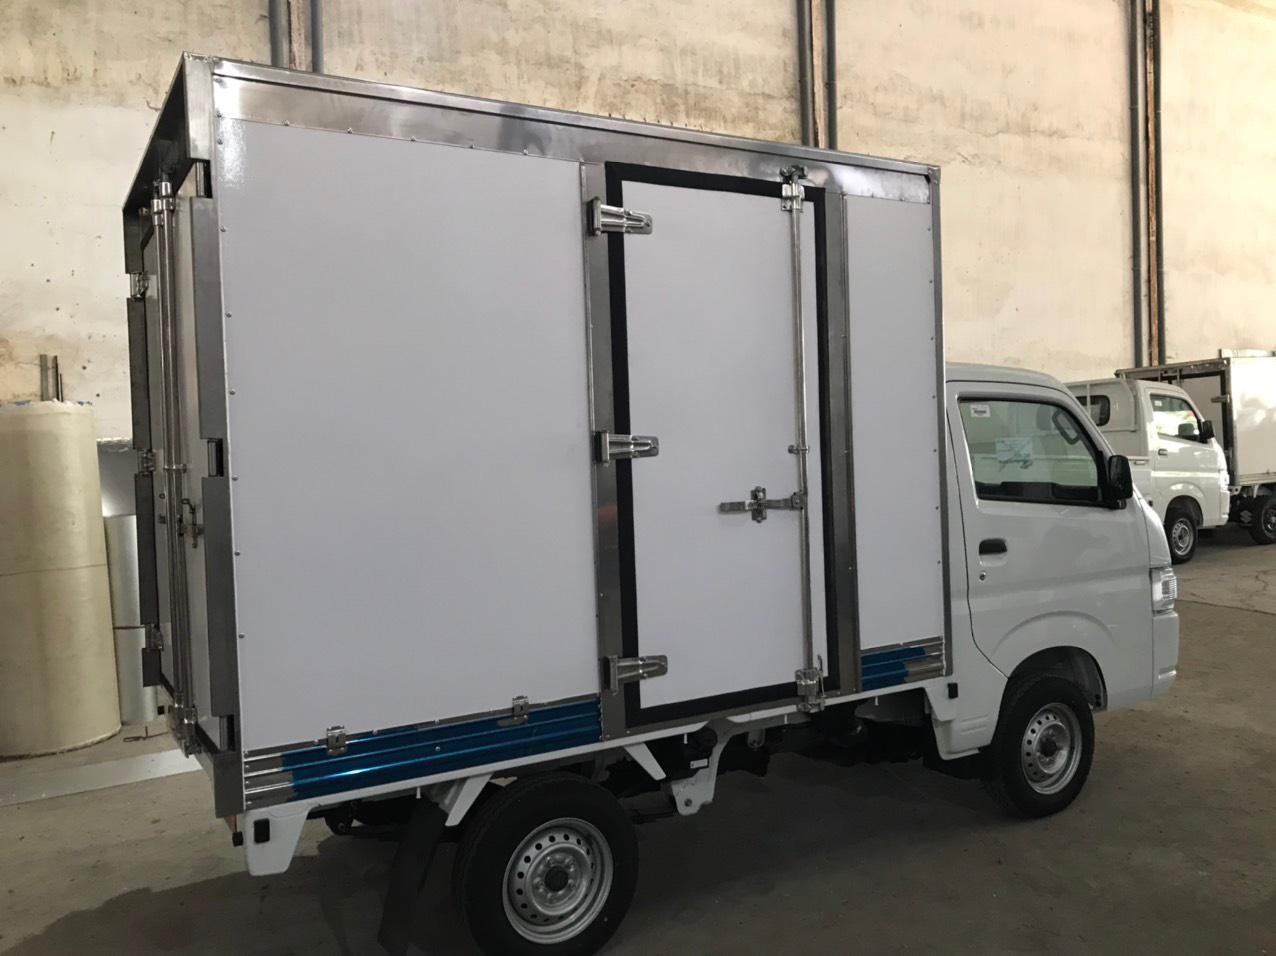 Xe Carry Pro cấu tạo chắc chắn, vận hành êm ái